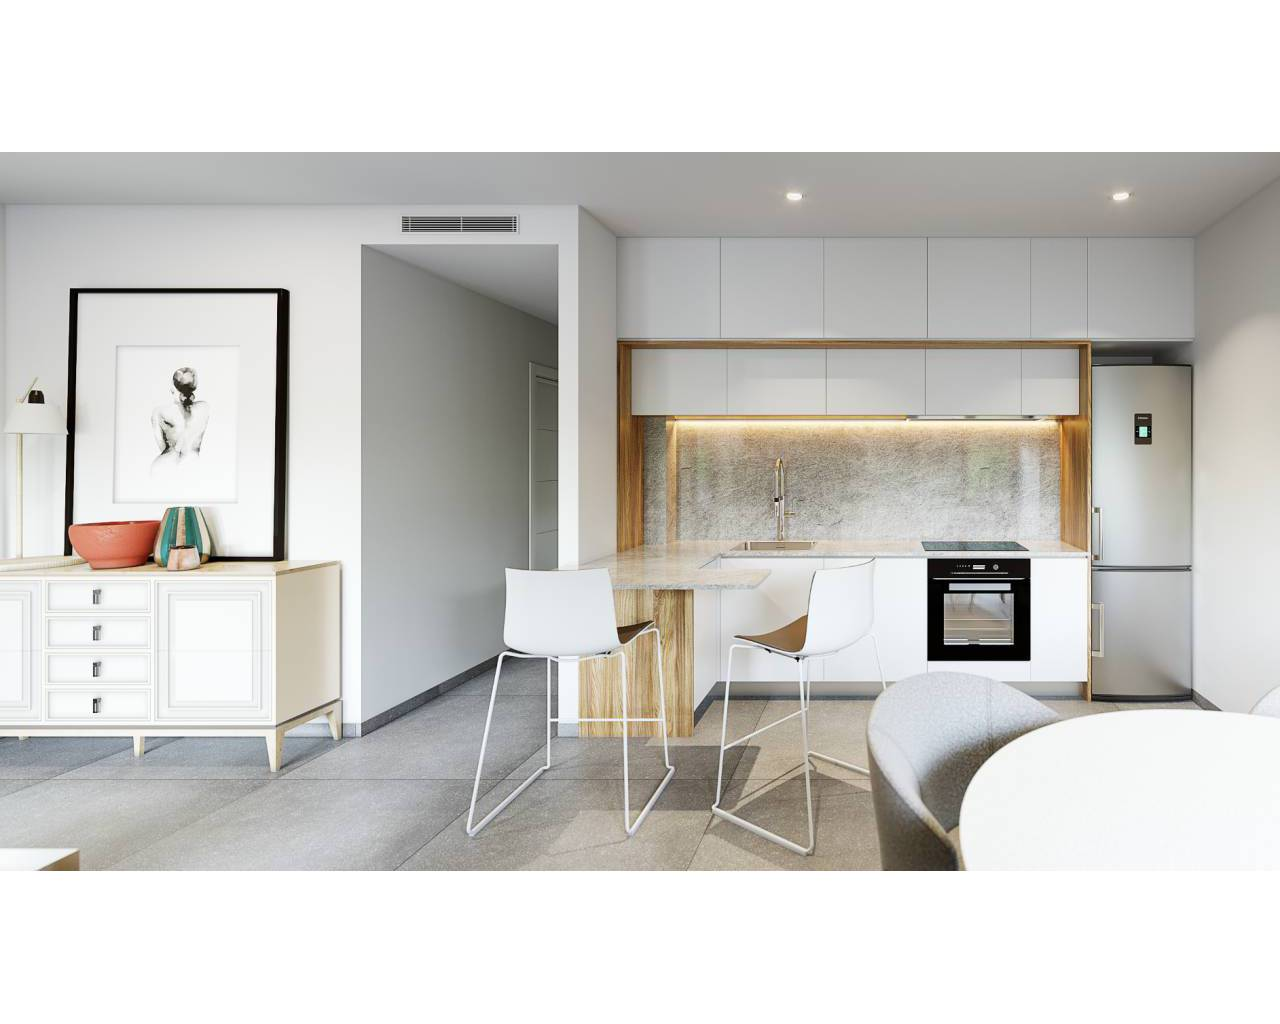 nieuwbouw-half-vrijstaande-villa-los-alcazares-roda-golf_4578_xl